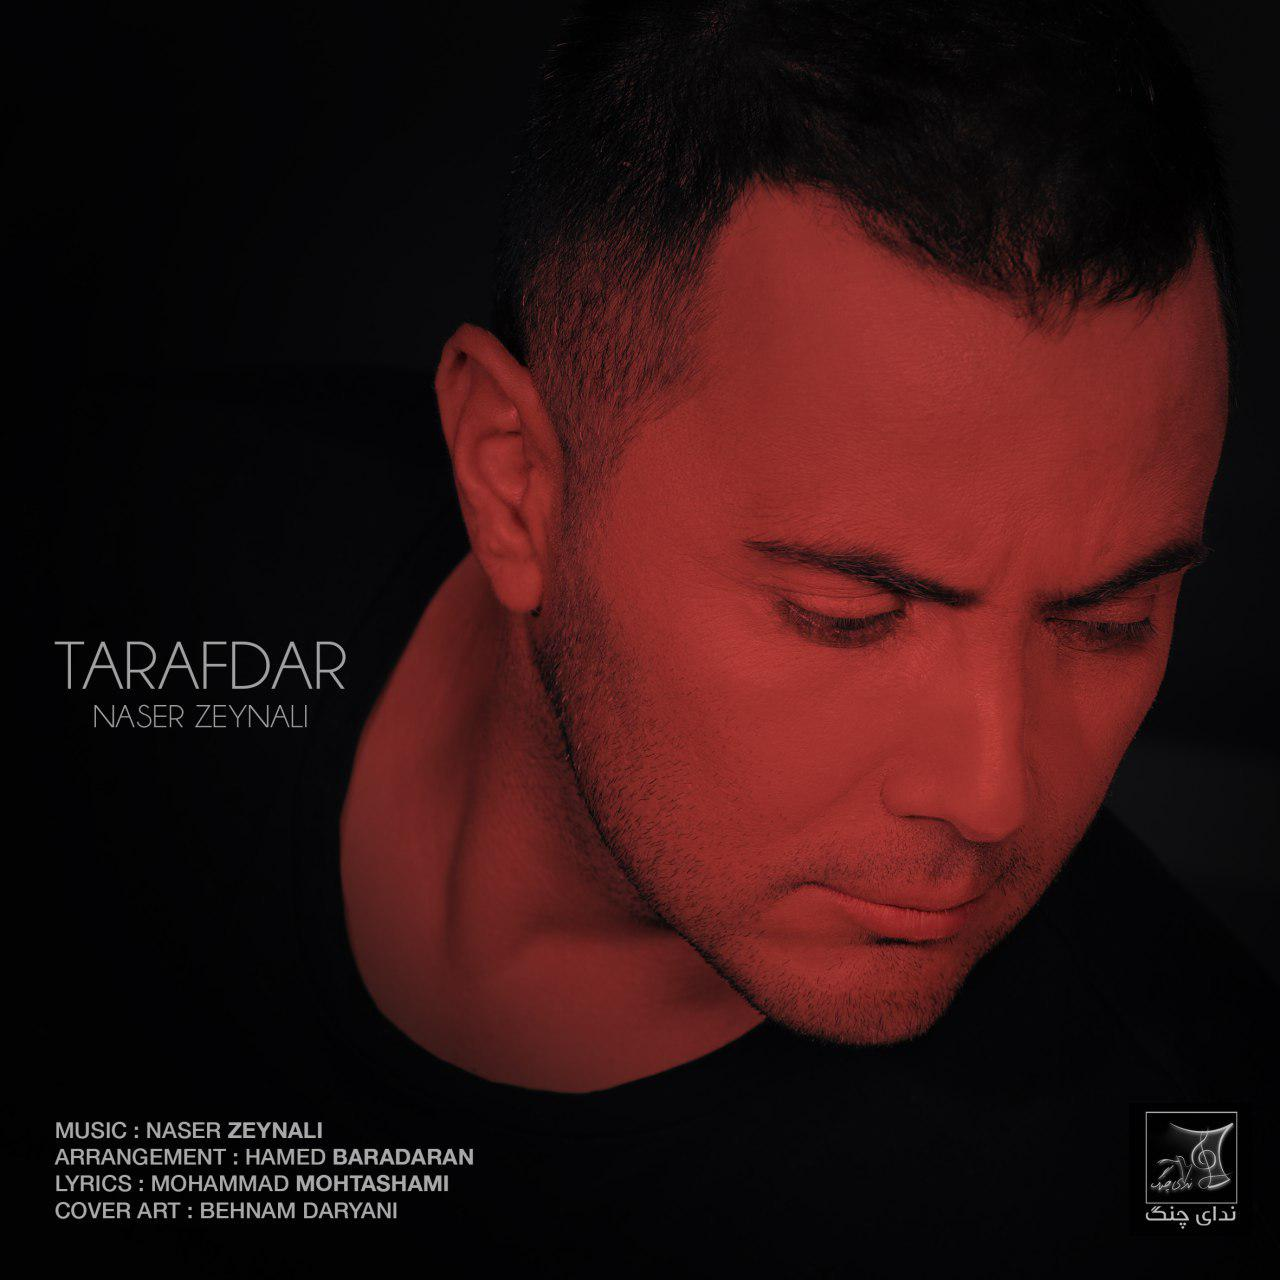 Naser Zeynali – Tarafdar